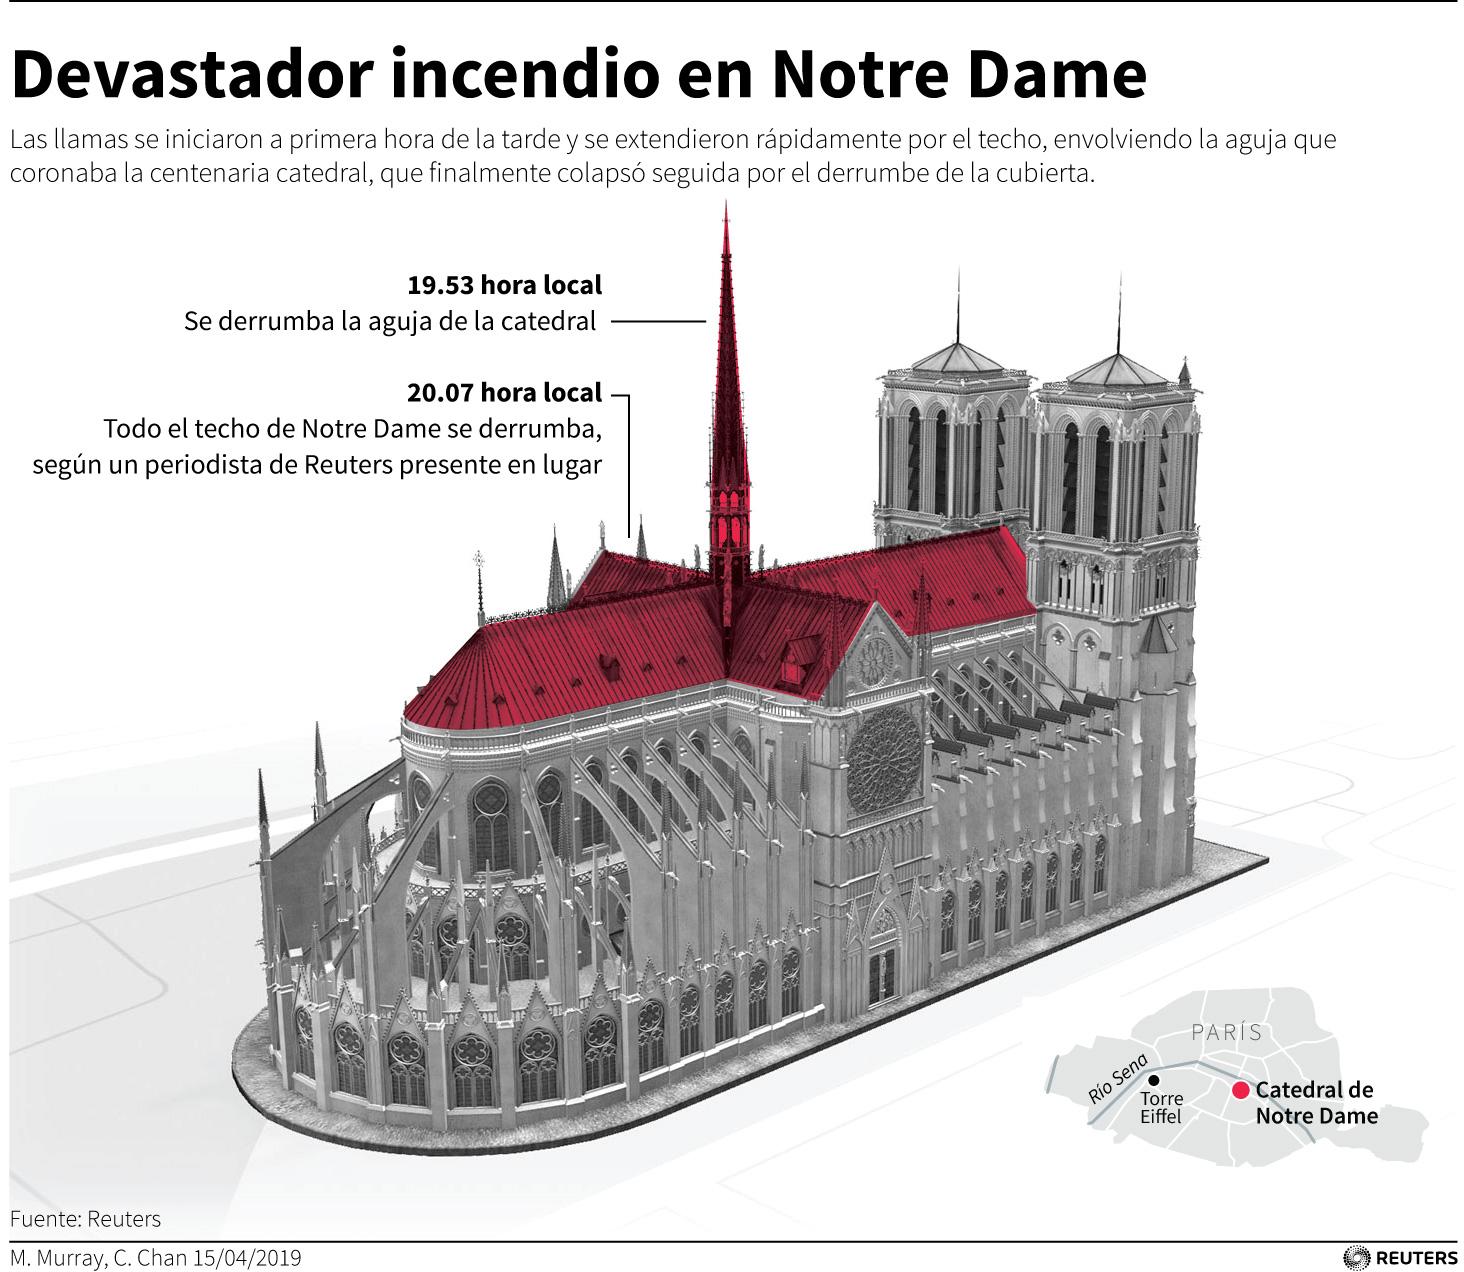 Ilustración tridimensional de la catedral de Notre Dame de París, que muestra las partes alcanzadas por un feroz incendio que causó el derrumbe de la aguja y el techo. REUTERS